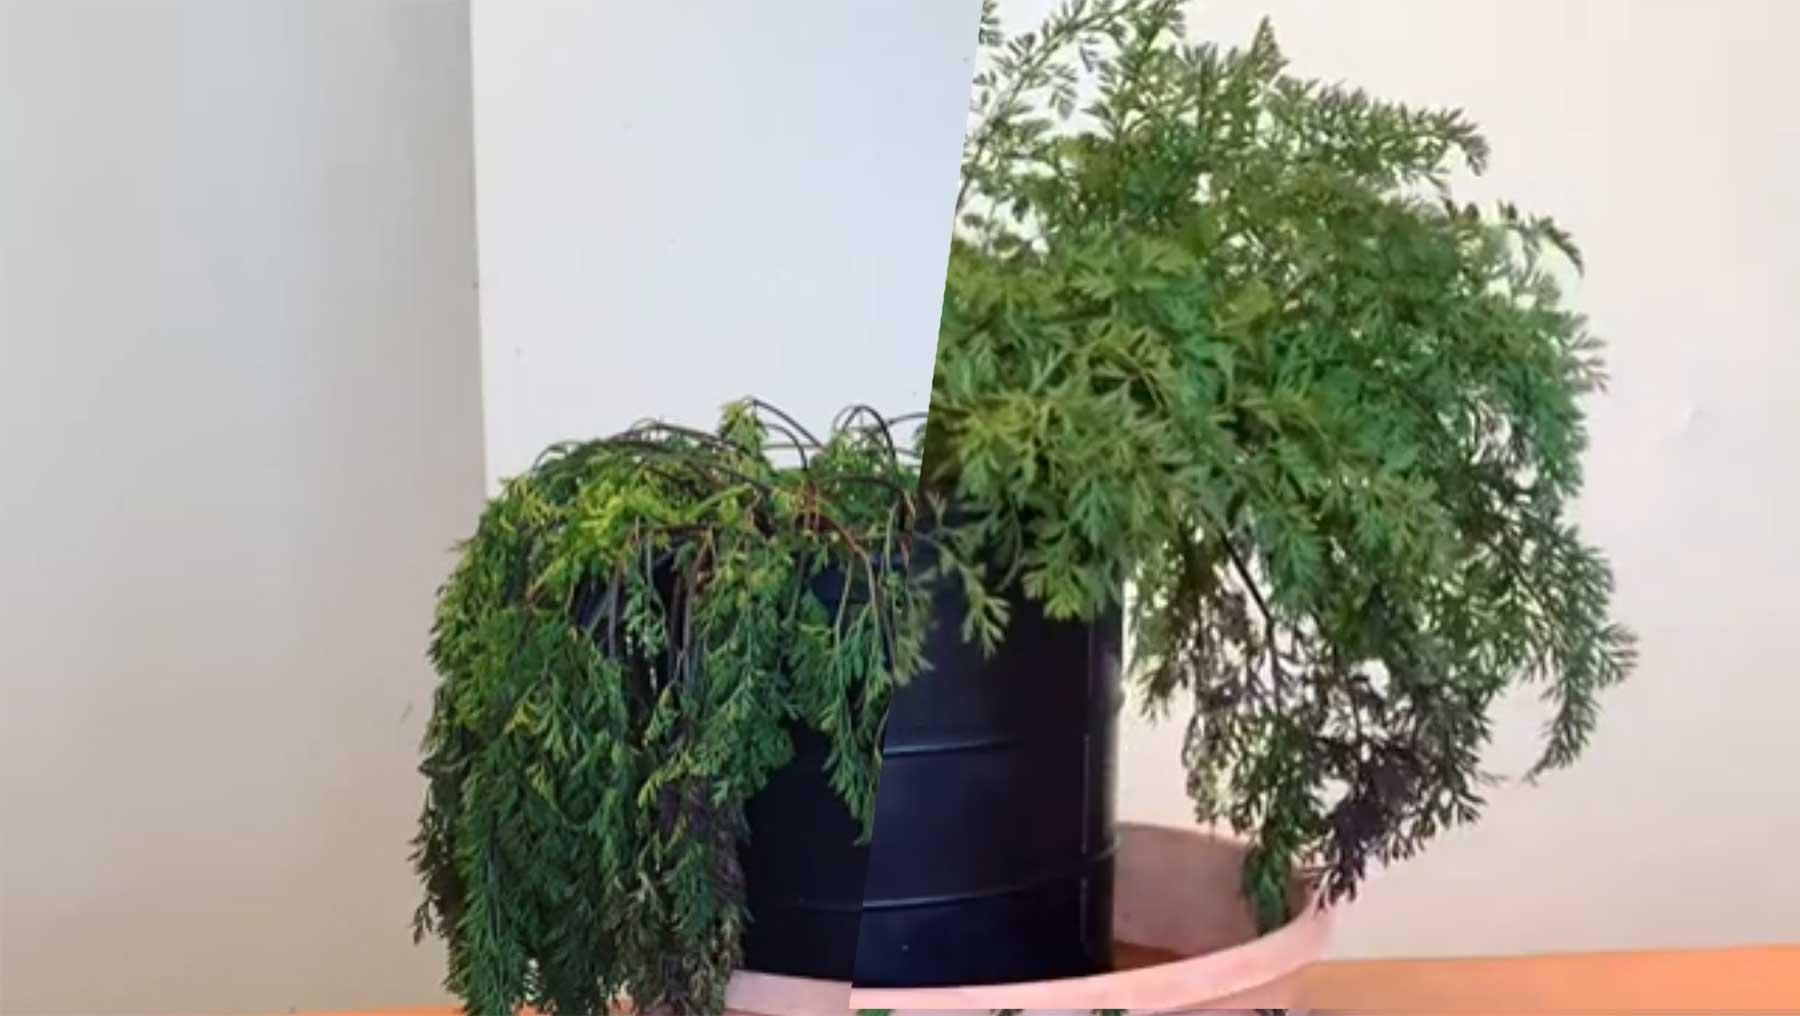 Zeitraffer einer sich erholenden Zimmerpflanze